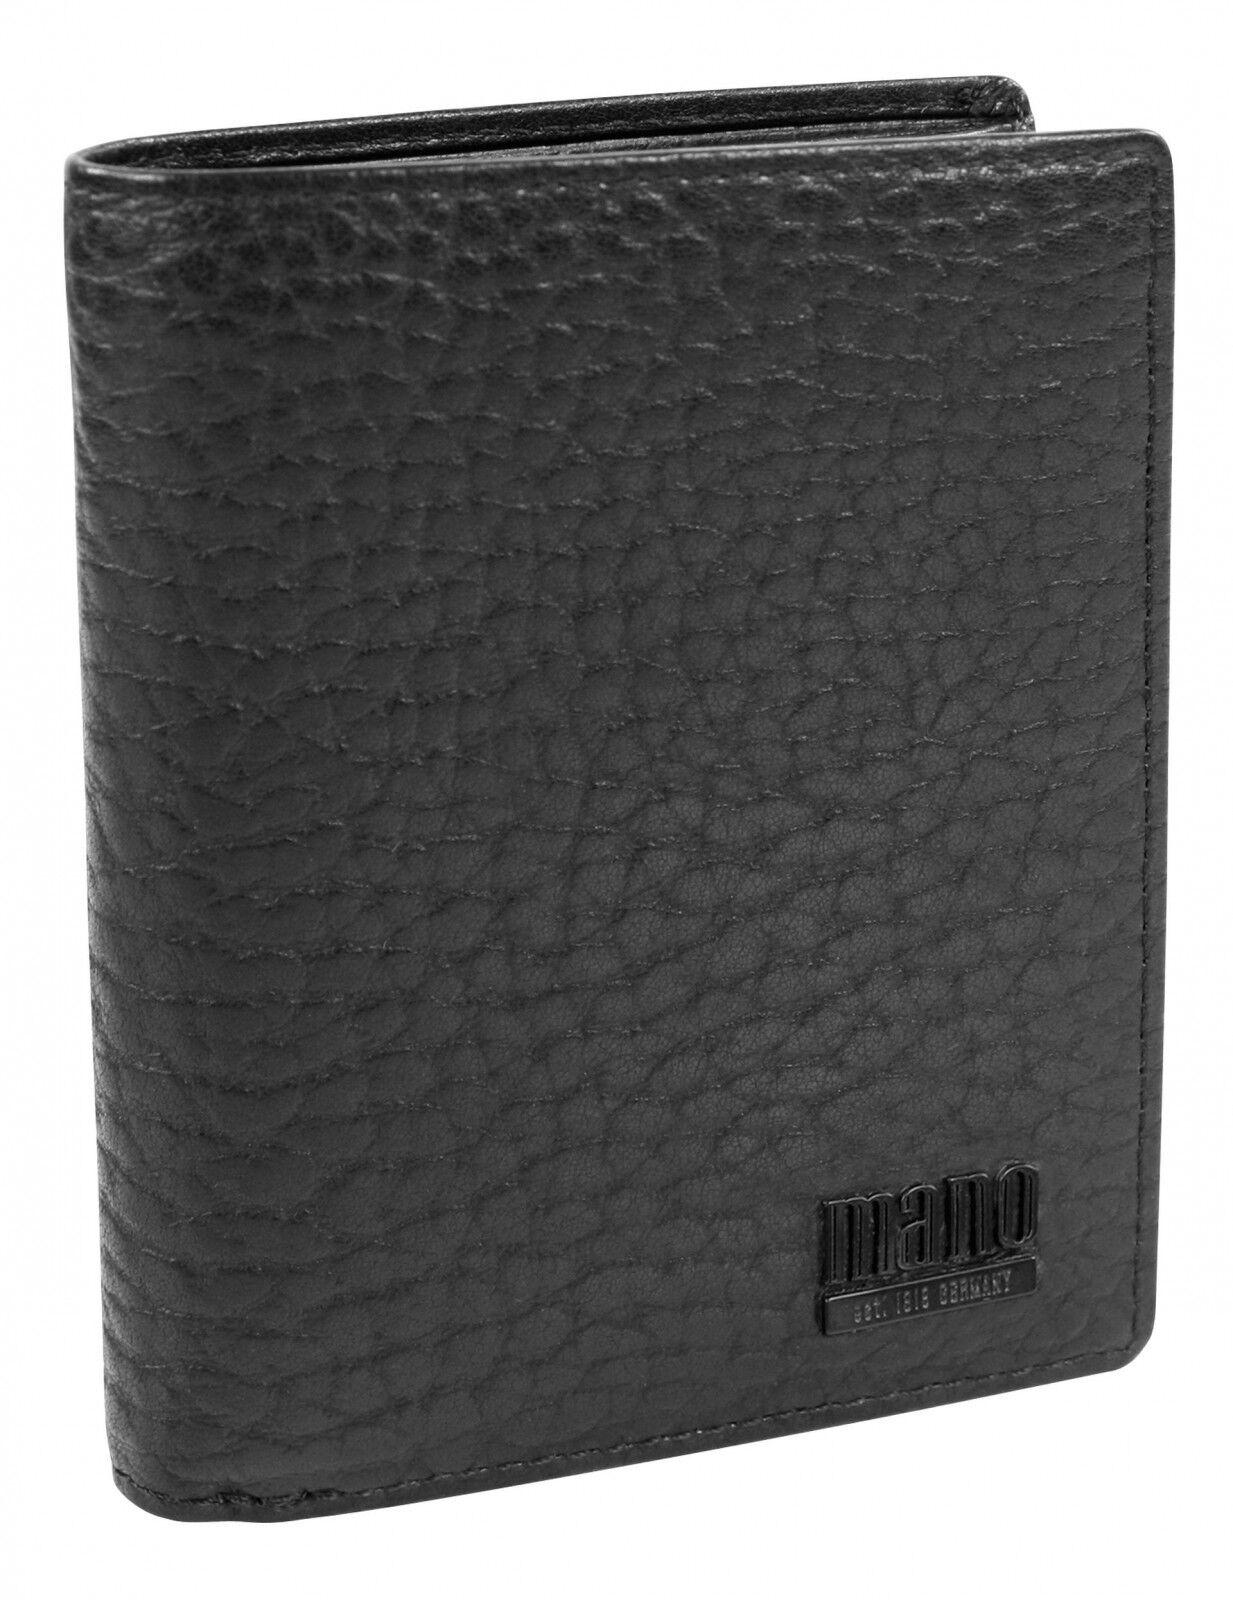 Mano Gaudio Hochformatbörse mit Klappe Geldbörse Geldbeutel Schwarz Schwarz Schwarz Neu    Qualität  5d417c